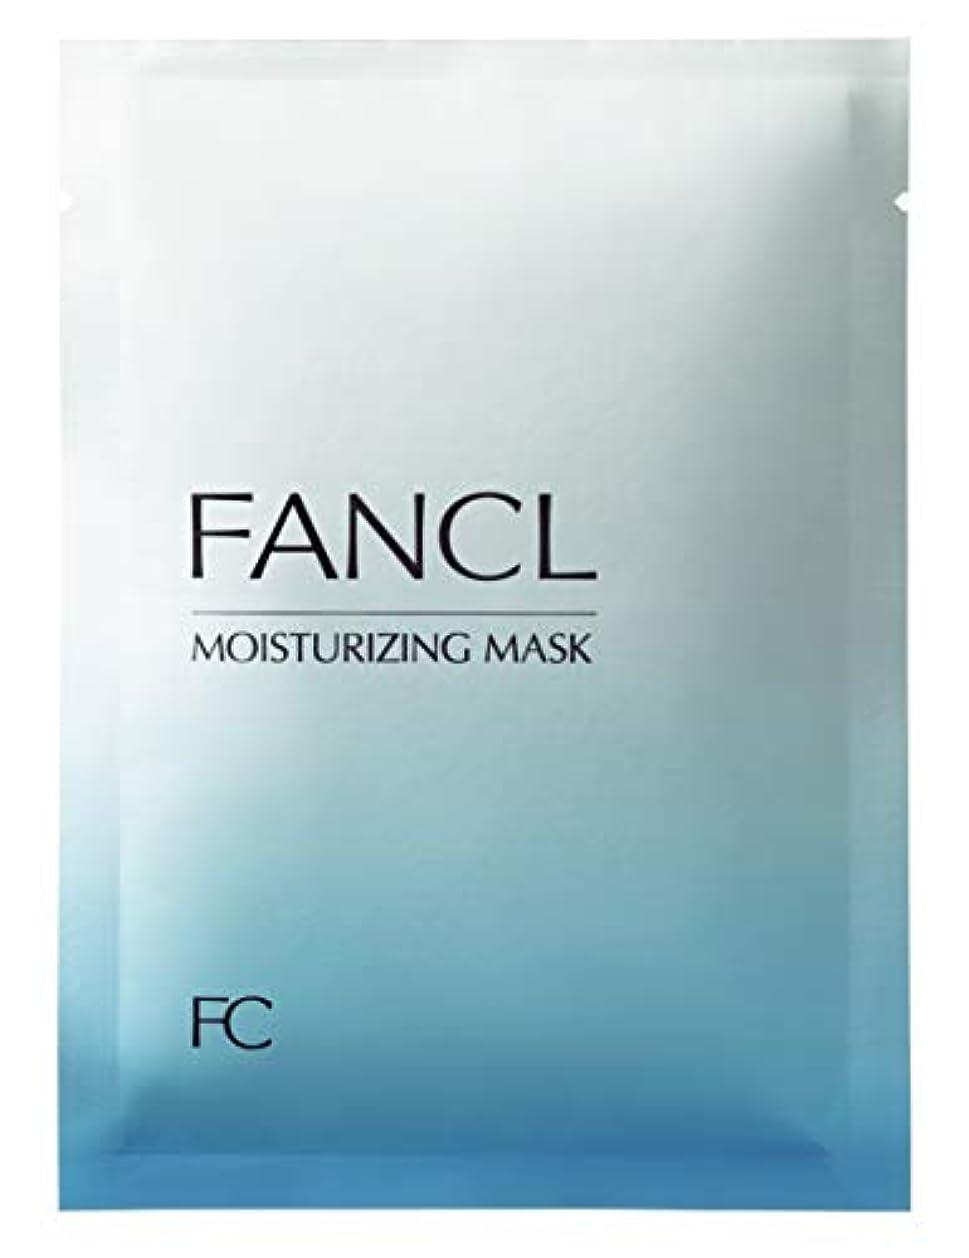 振り返る細い普通のファンケル (FANCL) モイスチャライジング マスク 6枚セット (18mL×6)